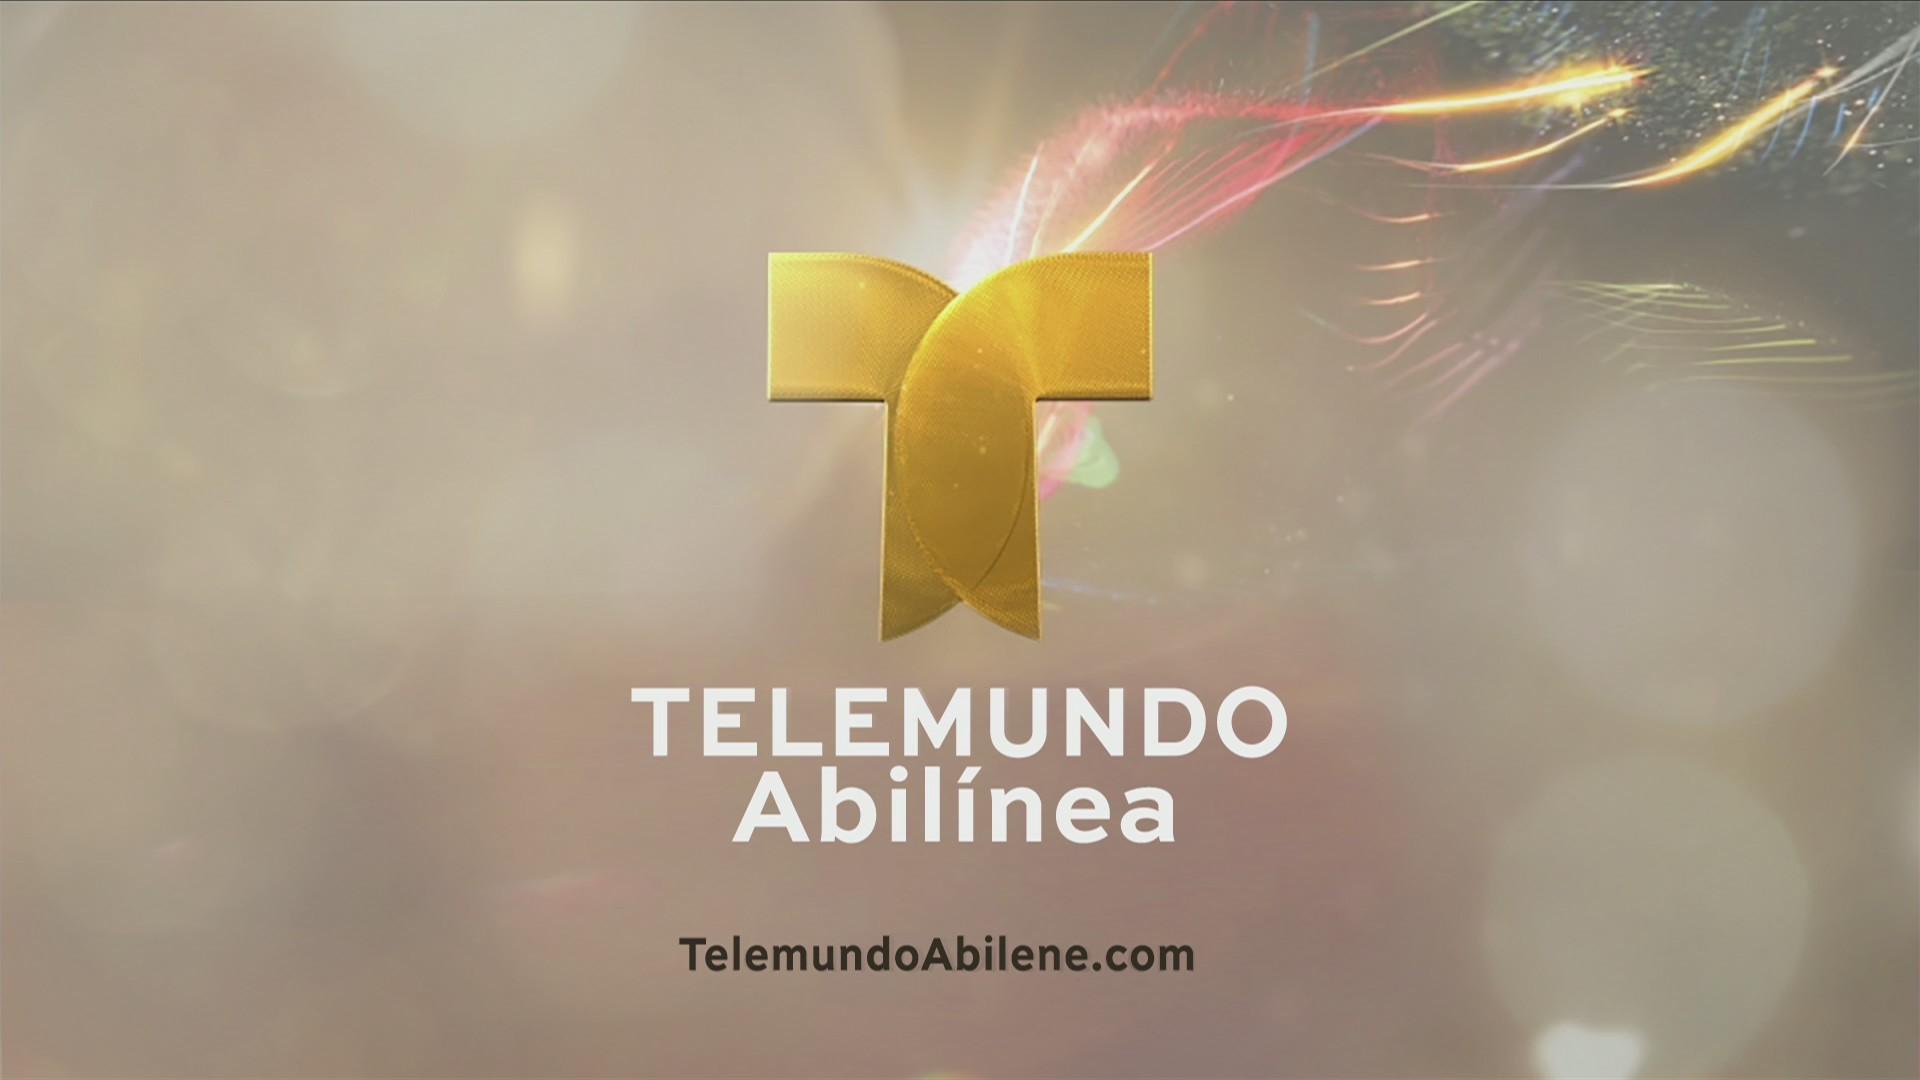 Telemundo Abilínea - 23 de abril, 2019